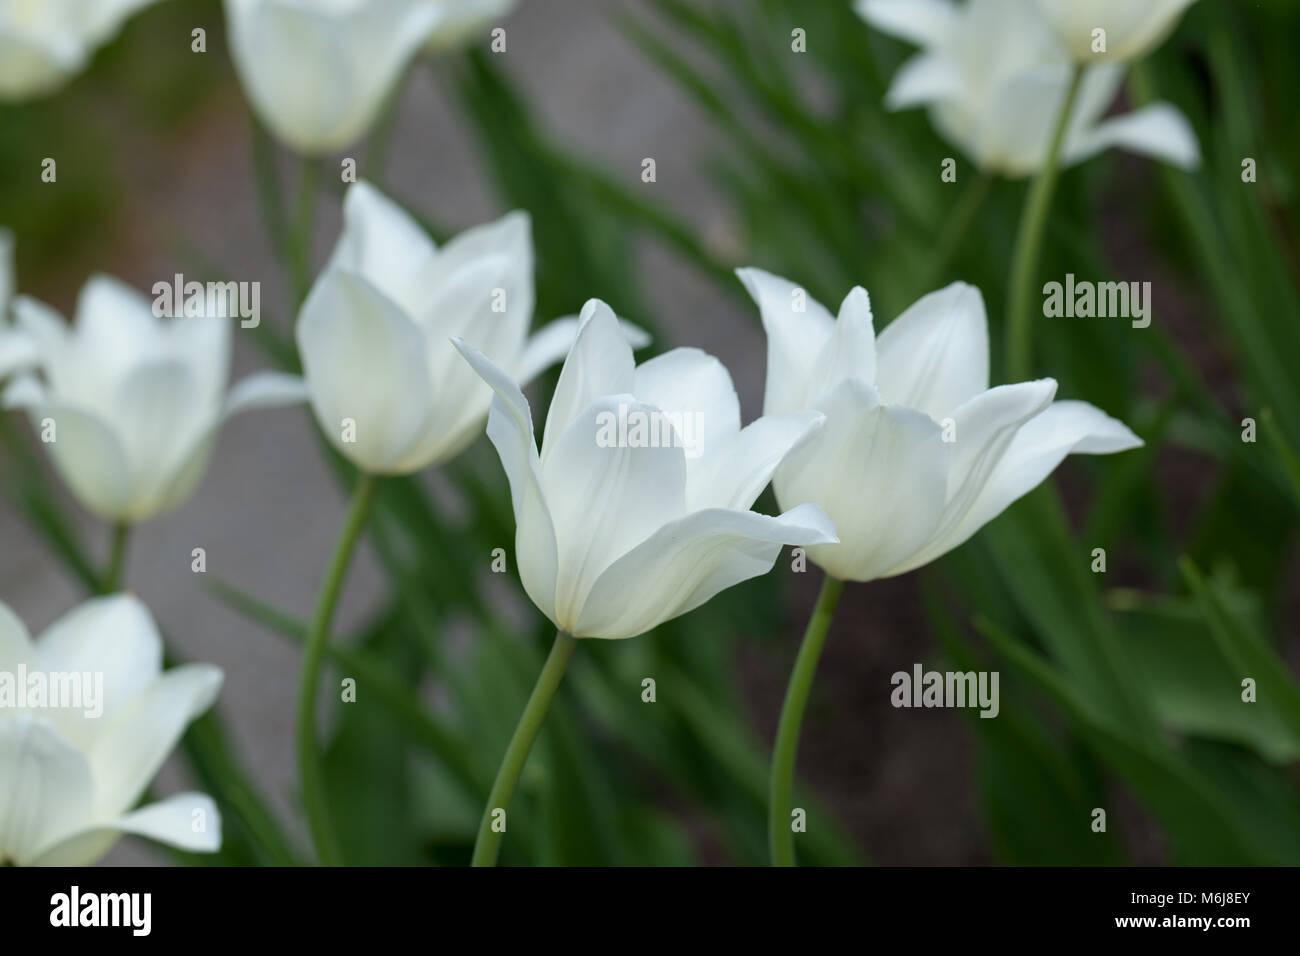 'White Triumphator' Lily Flowered Tulip, Liljetulpan (Tulipa gesneriana) Stock Photo